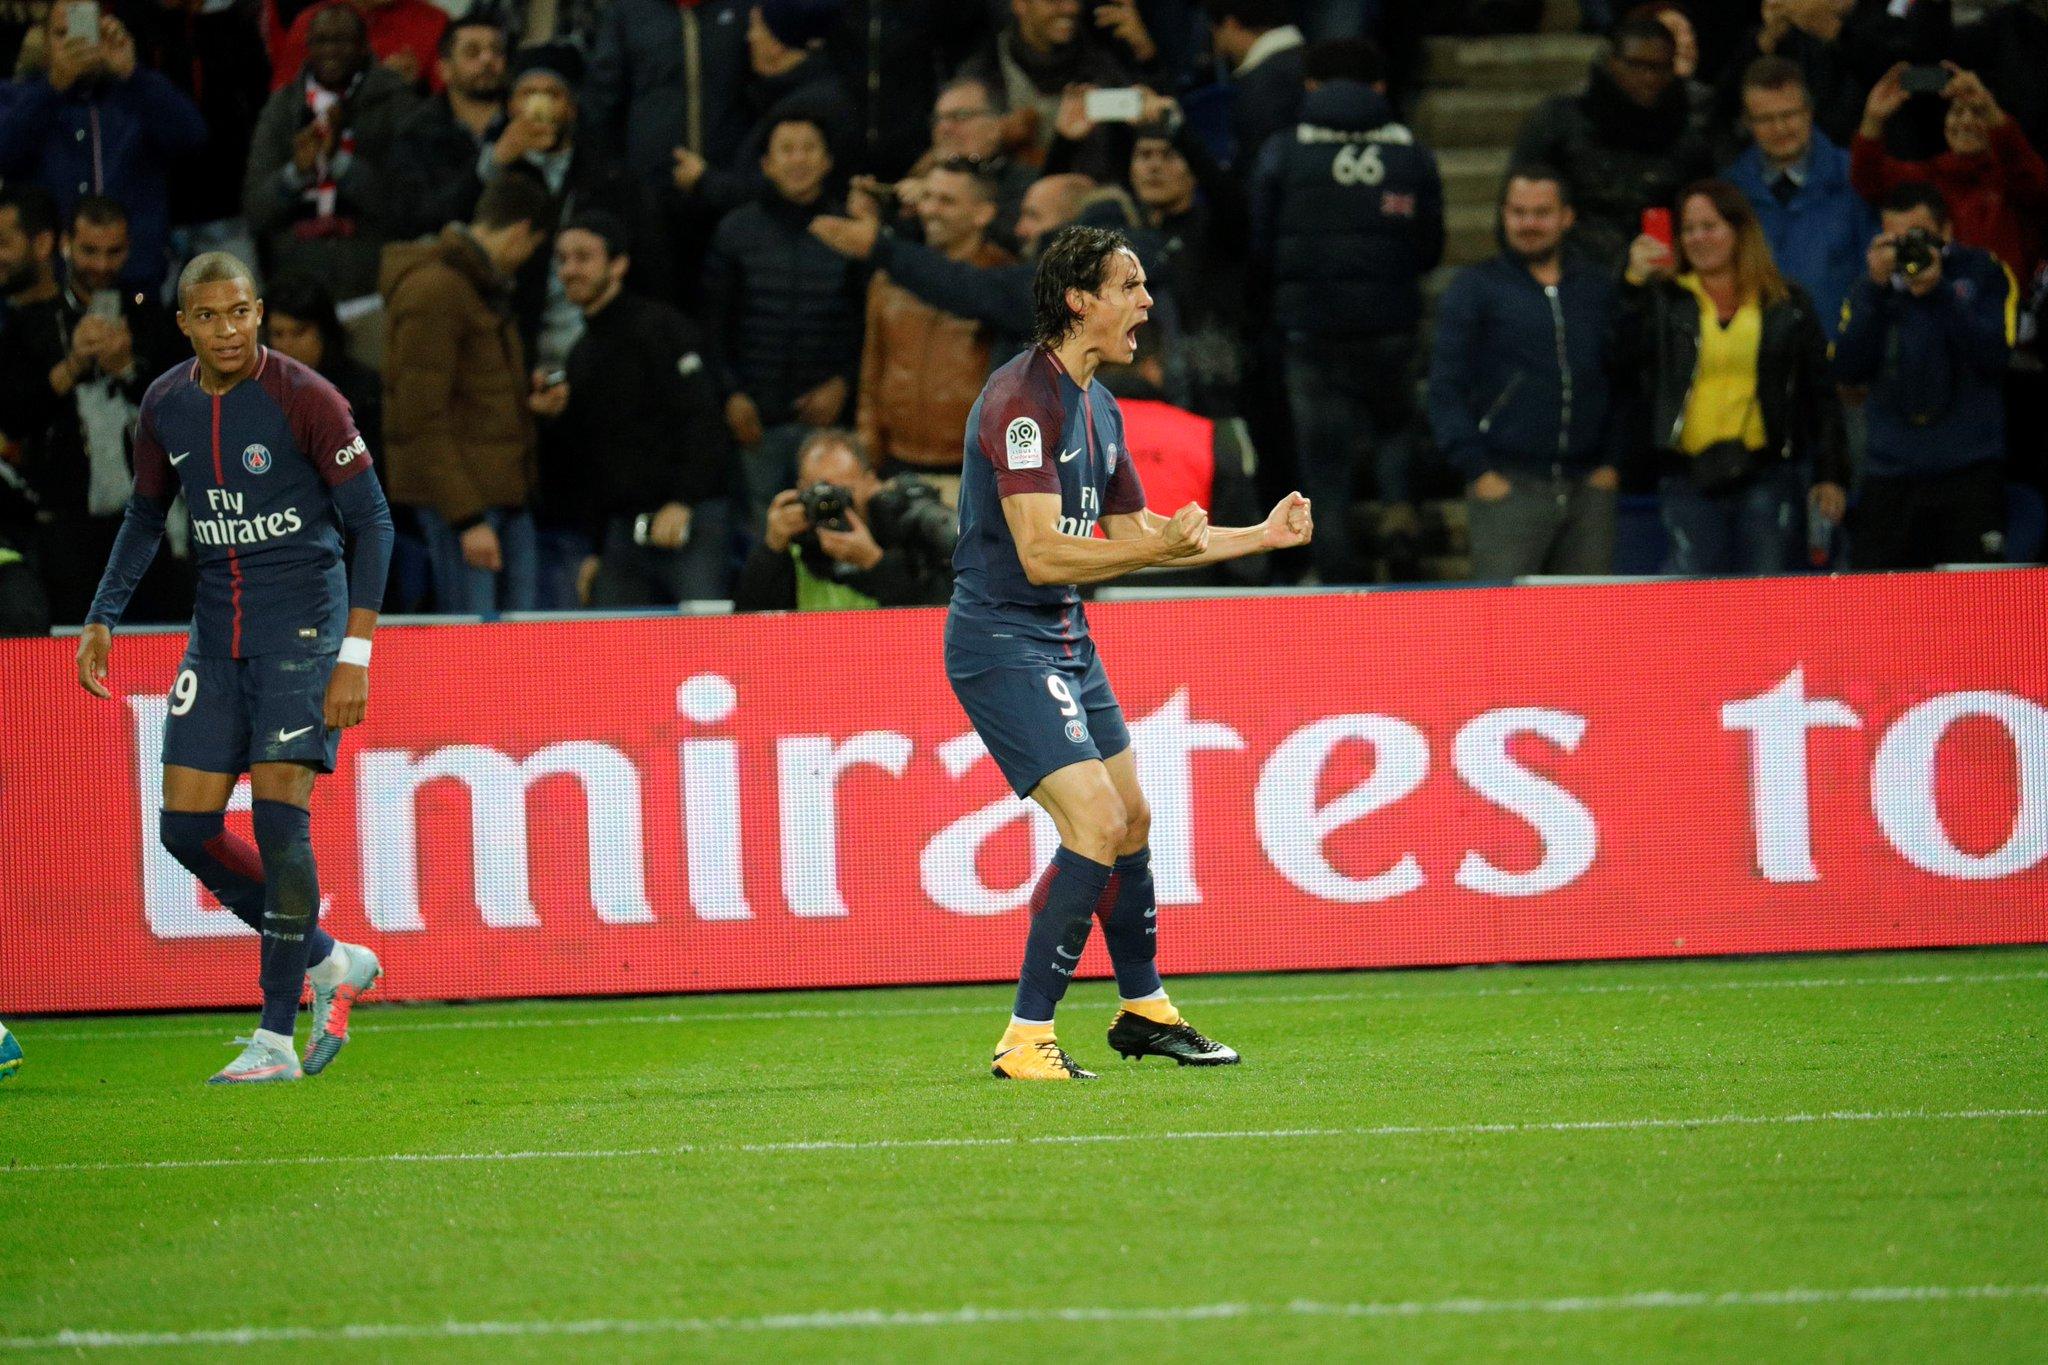 Ligue 1 - Retour sur la 6e journée : le PSG bat difficilement l'OL et garde 3 points d'avance sur l'ASM